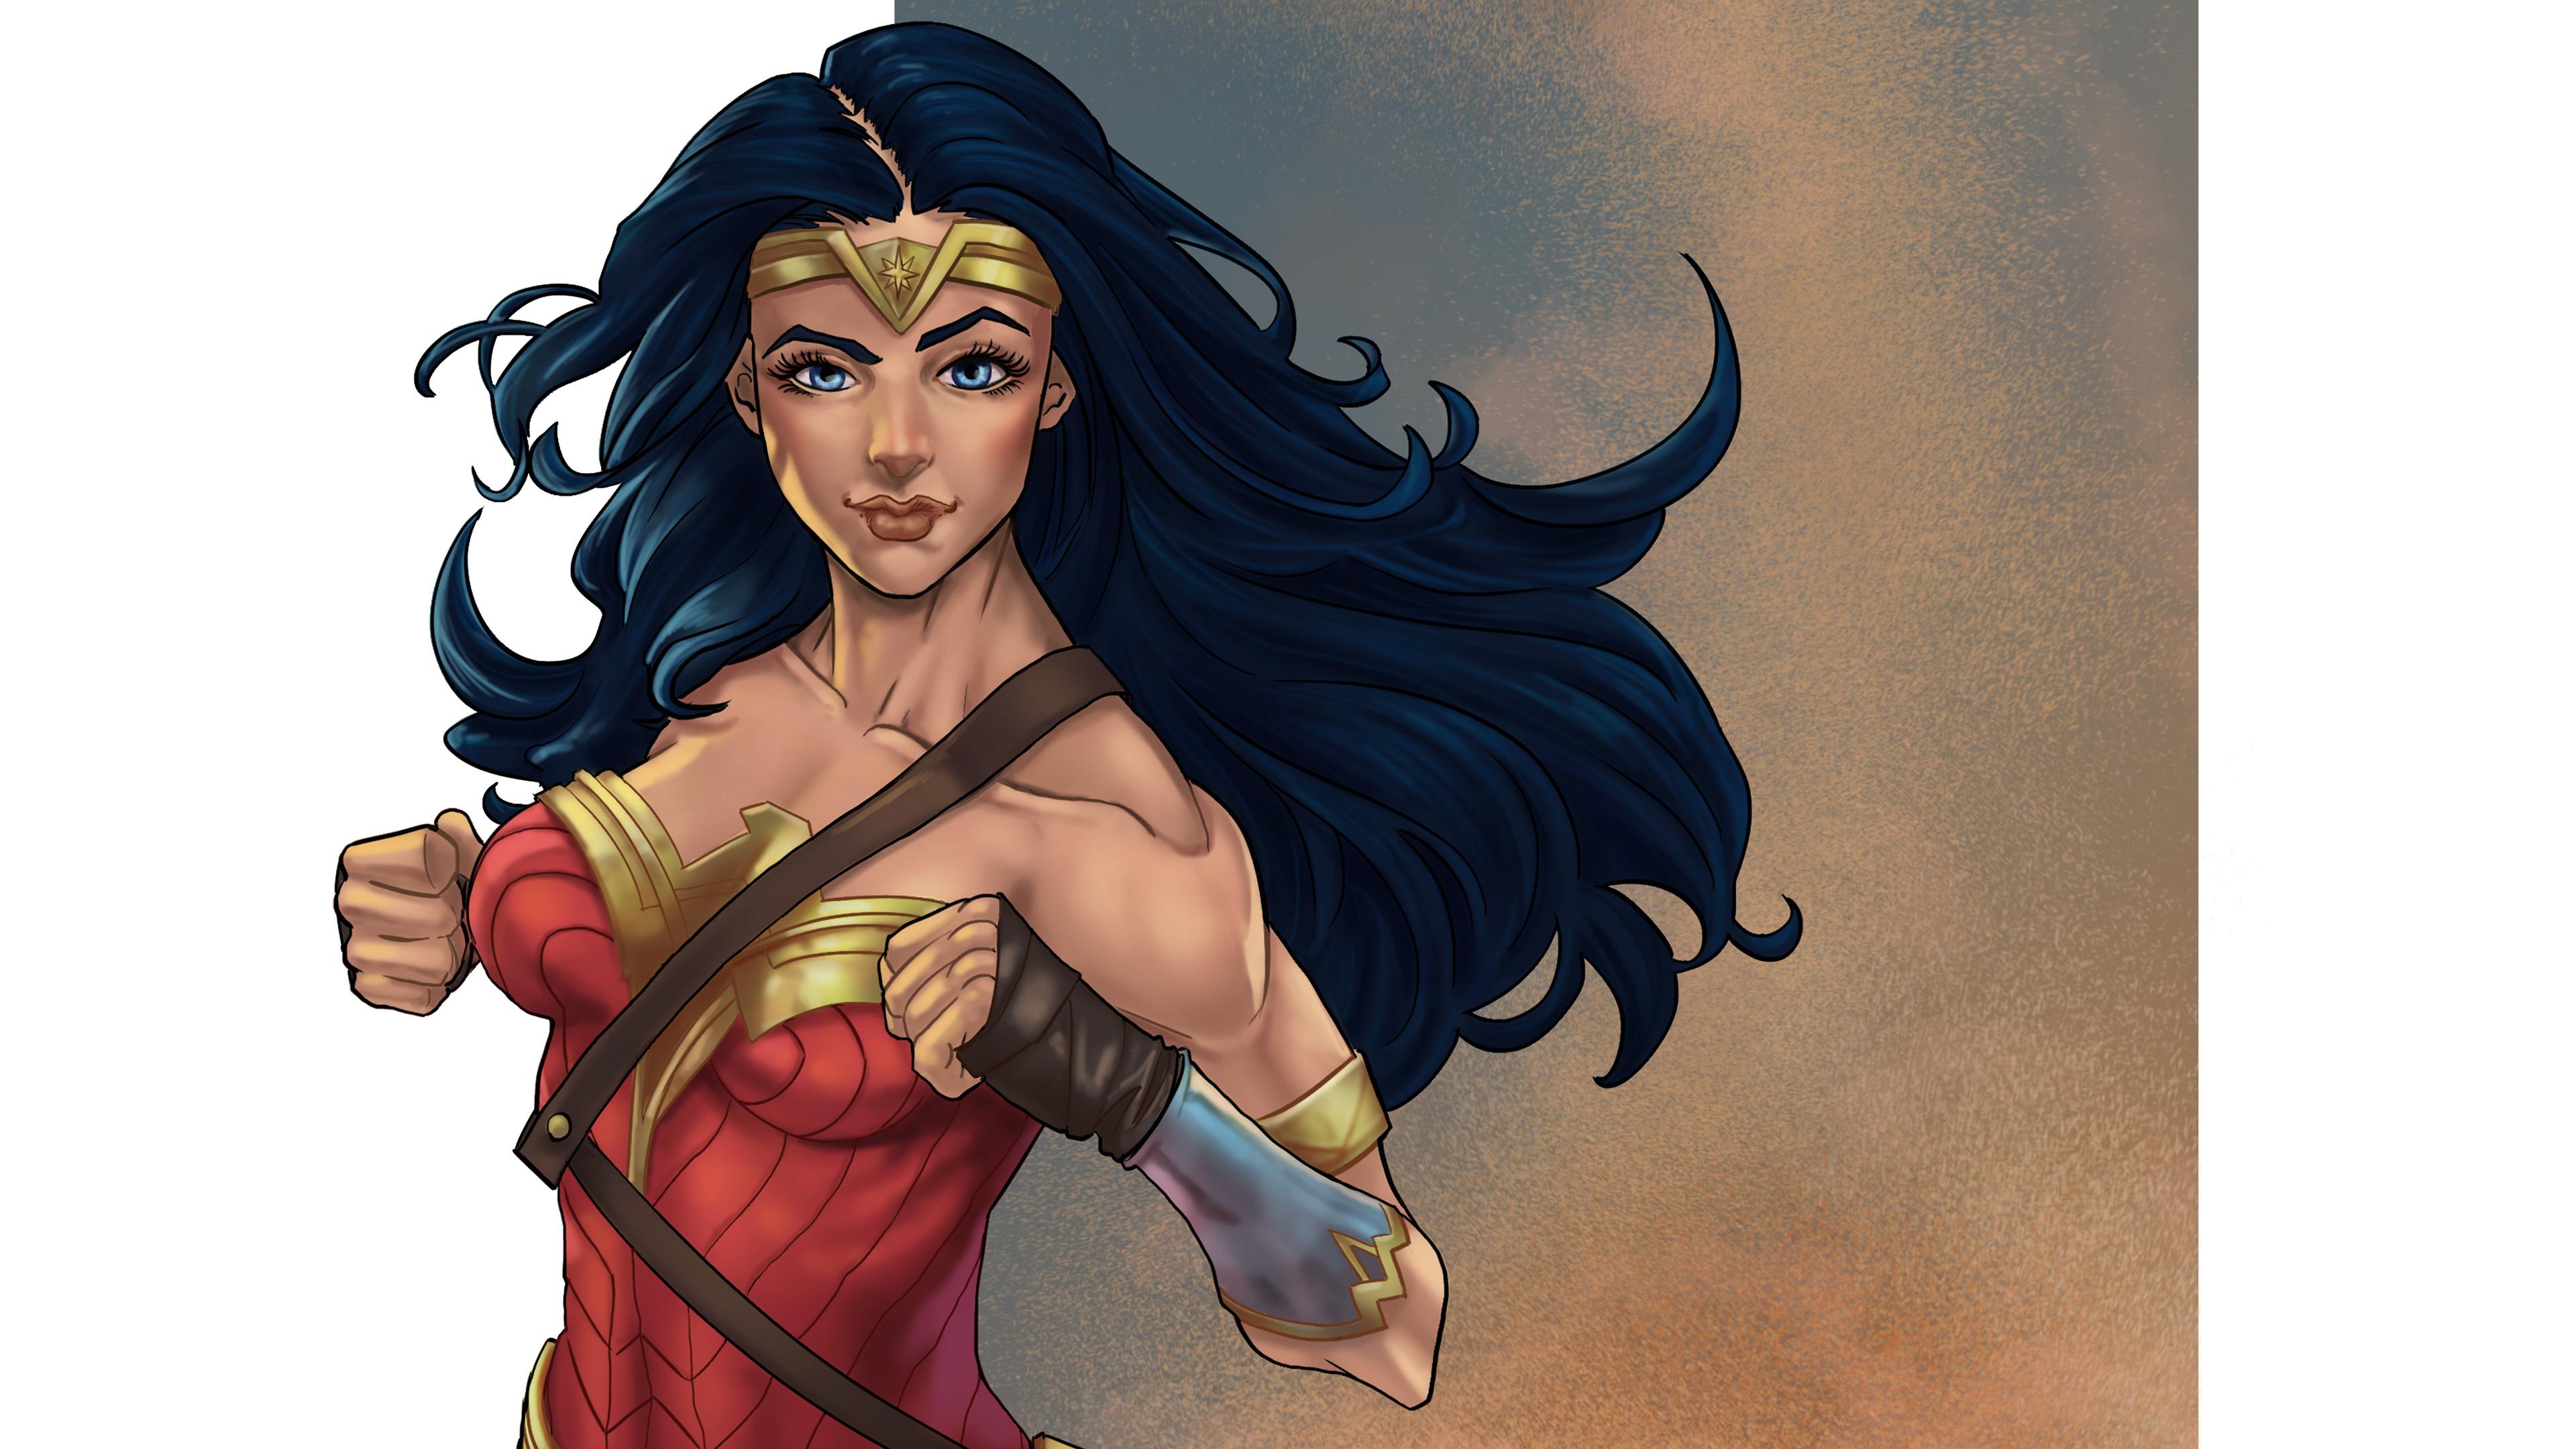 new wonder woman 4k 1553072048 - New Wonder Woman 4k - wonder woman wallpapers, superheroes wallpapers, hd-wallpapers, digital art wallpapers, behance wallpapers, artwork wallpapers, artist wallpapers, 4k-wallpapers